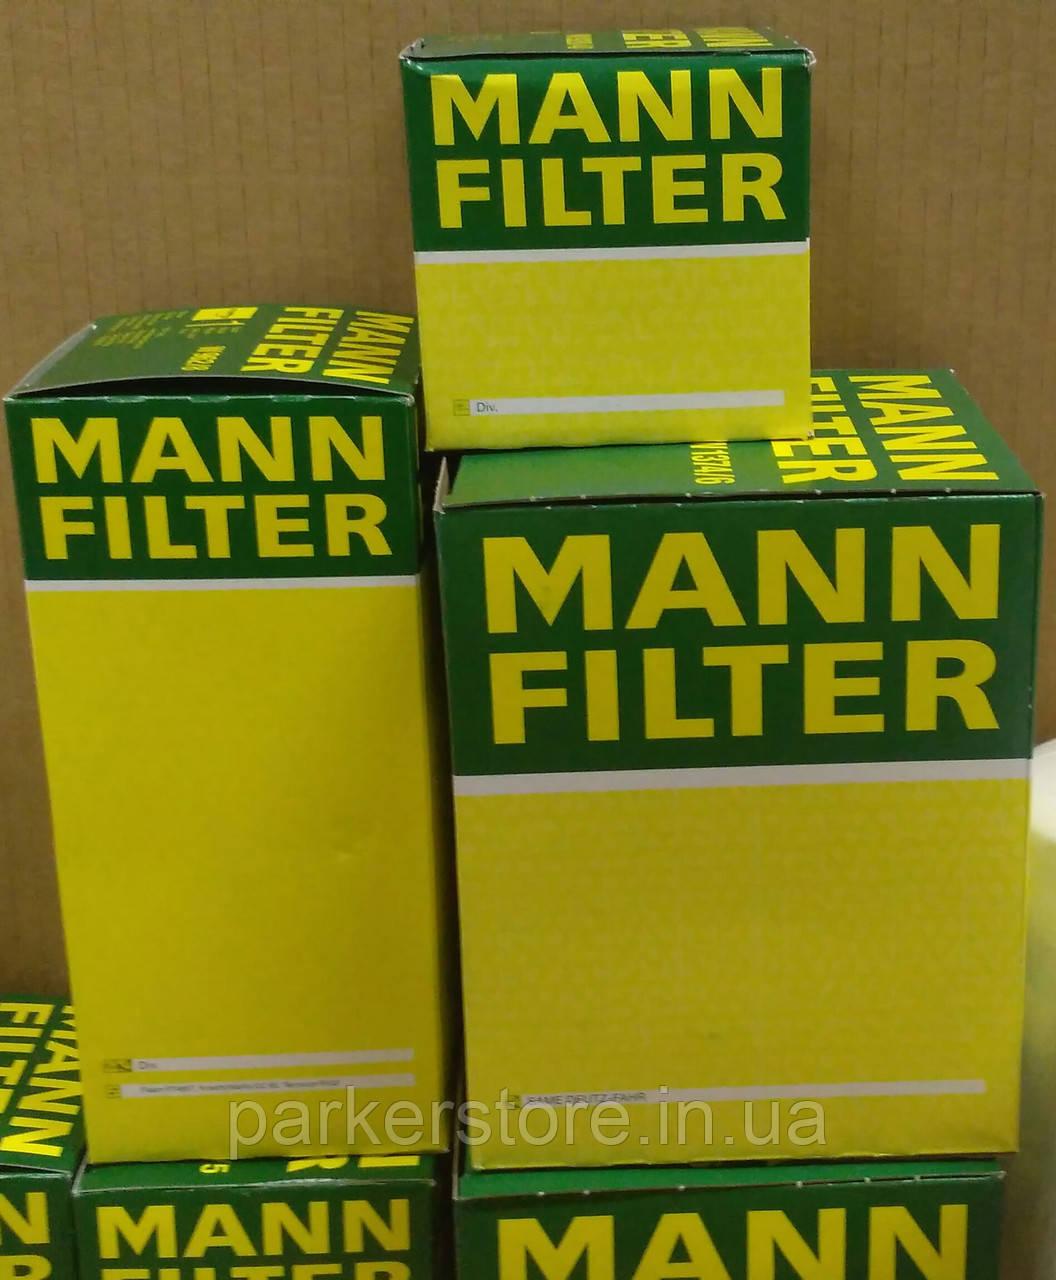 MANN FILTER / Воздушный фильтр / C 23 589 / C23589